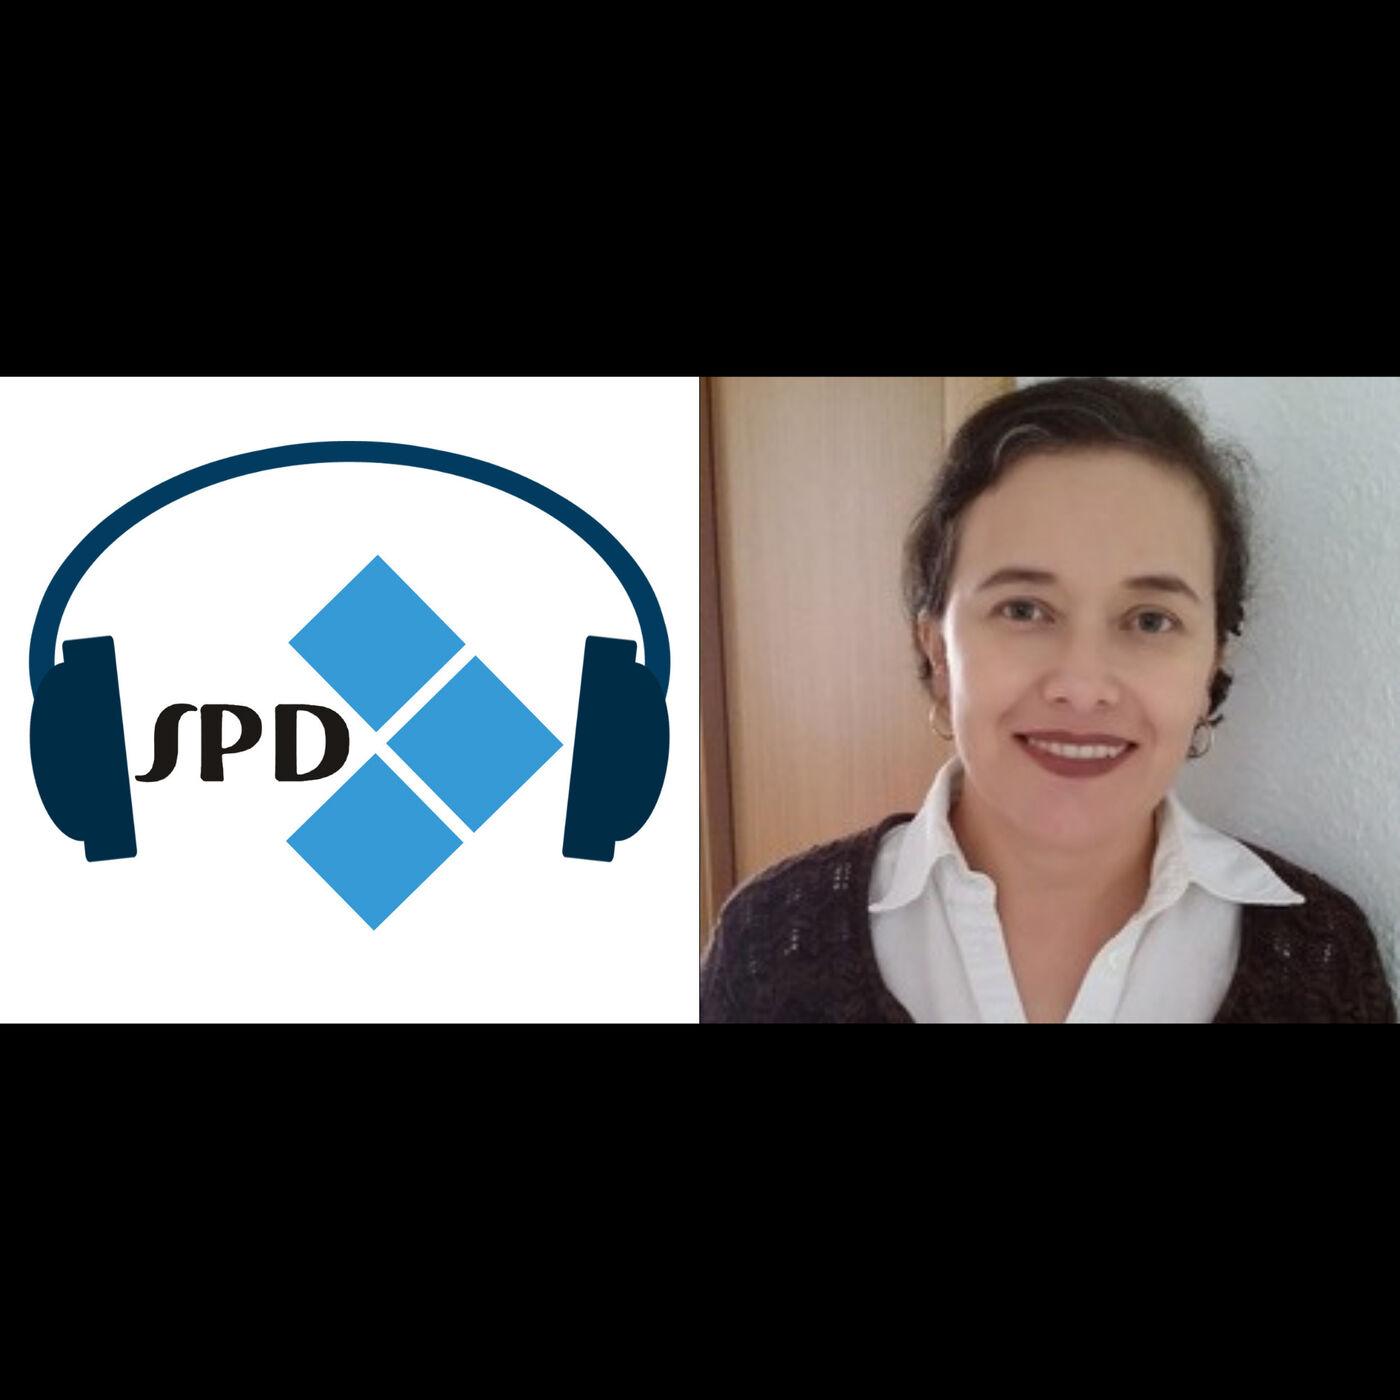 El Pódcast de la ATA SPD, Entrevista a María Betulia Pedraza